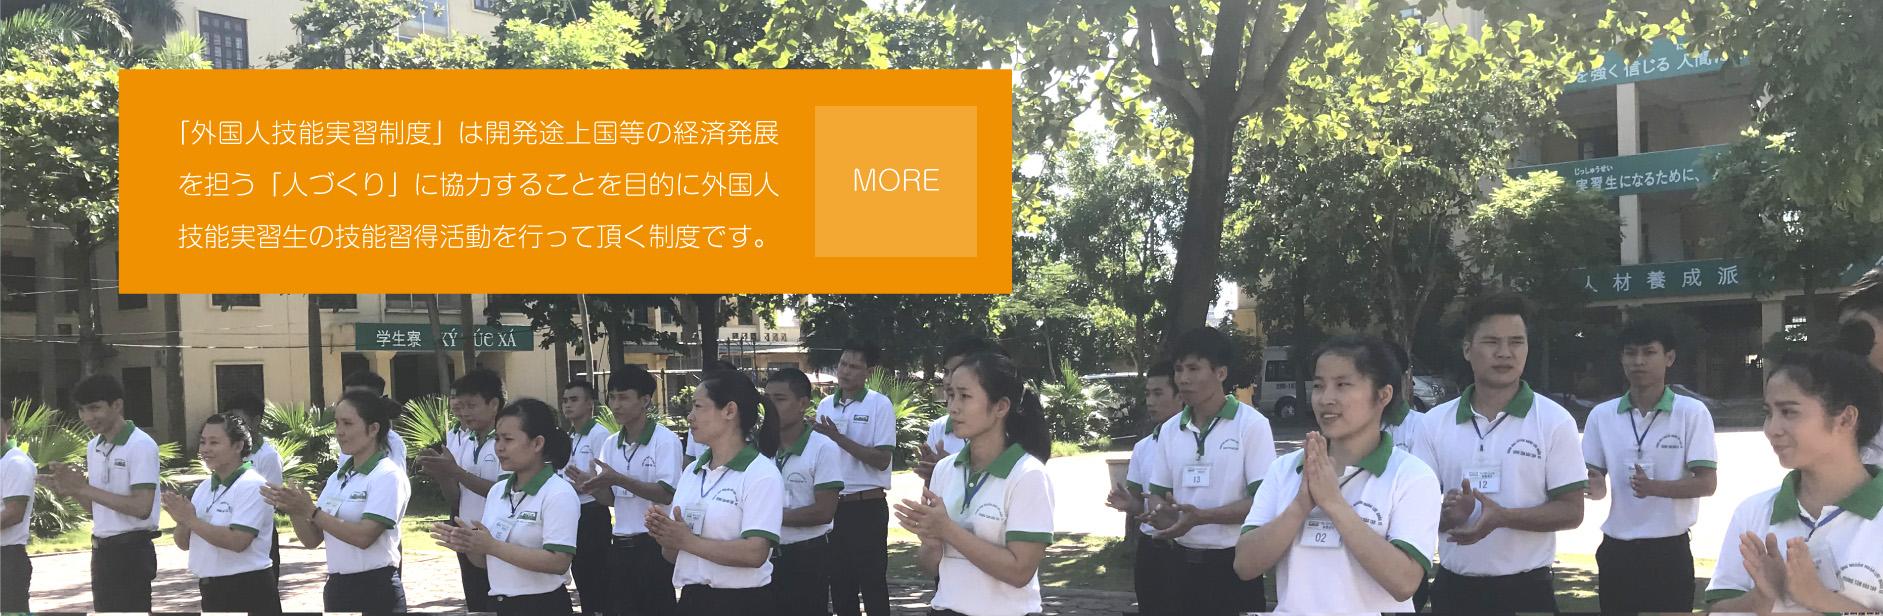 「外国人技能実習制度」は開発途上国等の経済発展を担う「人づくり」に協力することを目的に外国人技能実習生の技能習得活動を行っていただく制度です。